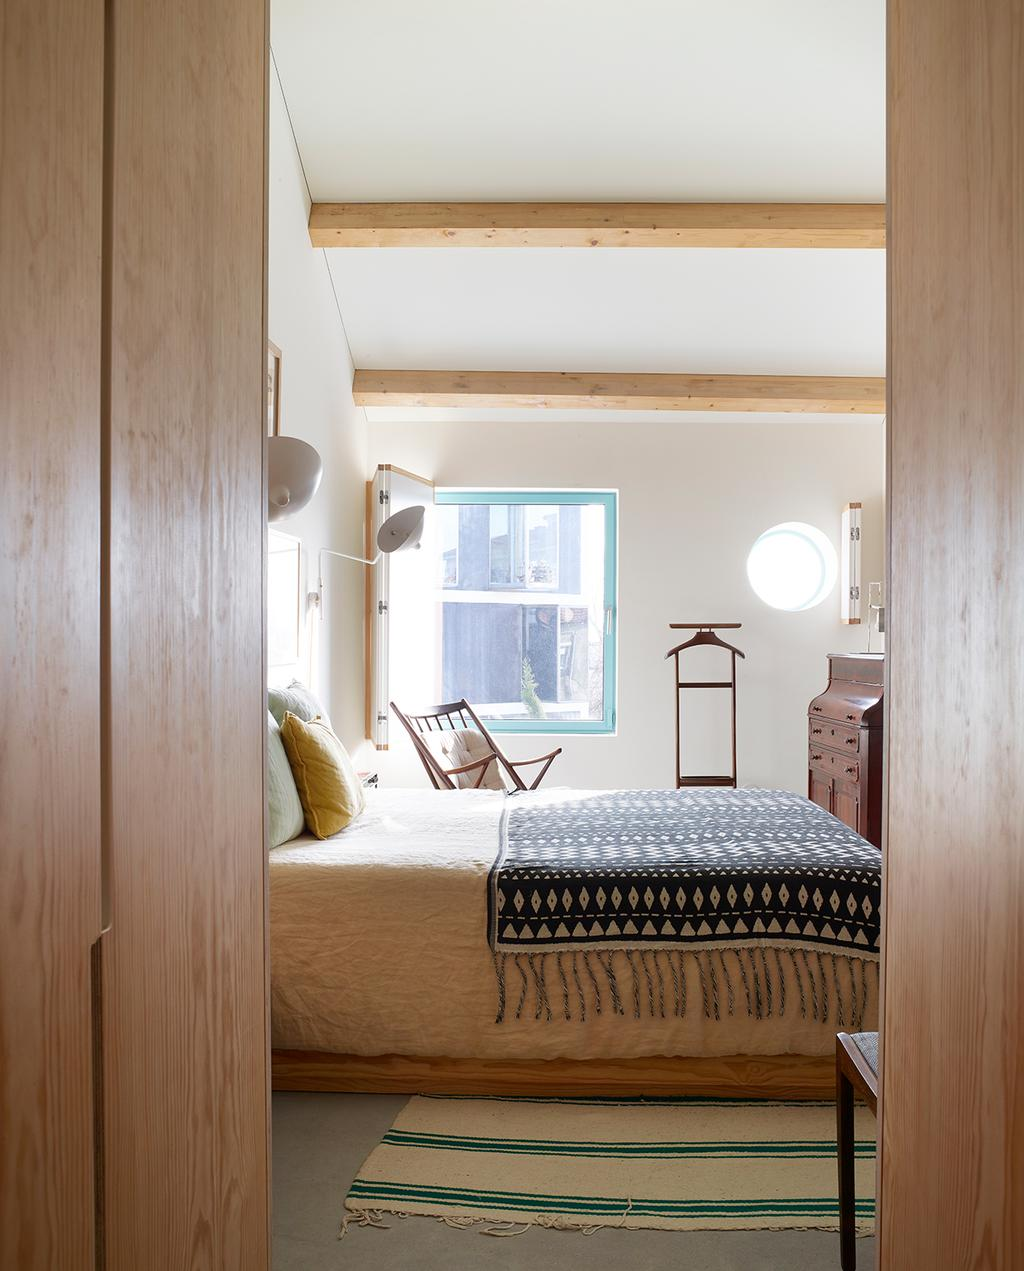 vtwonen 05-2020 | modern stadshuis Porto slaapkamer met bed